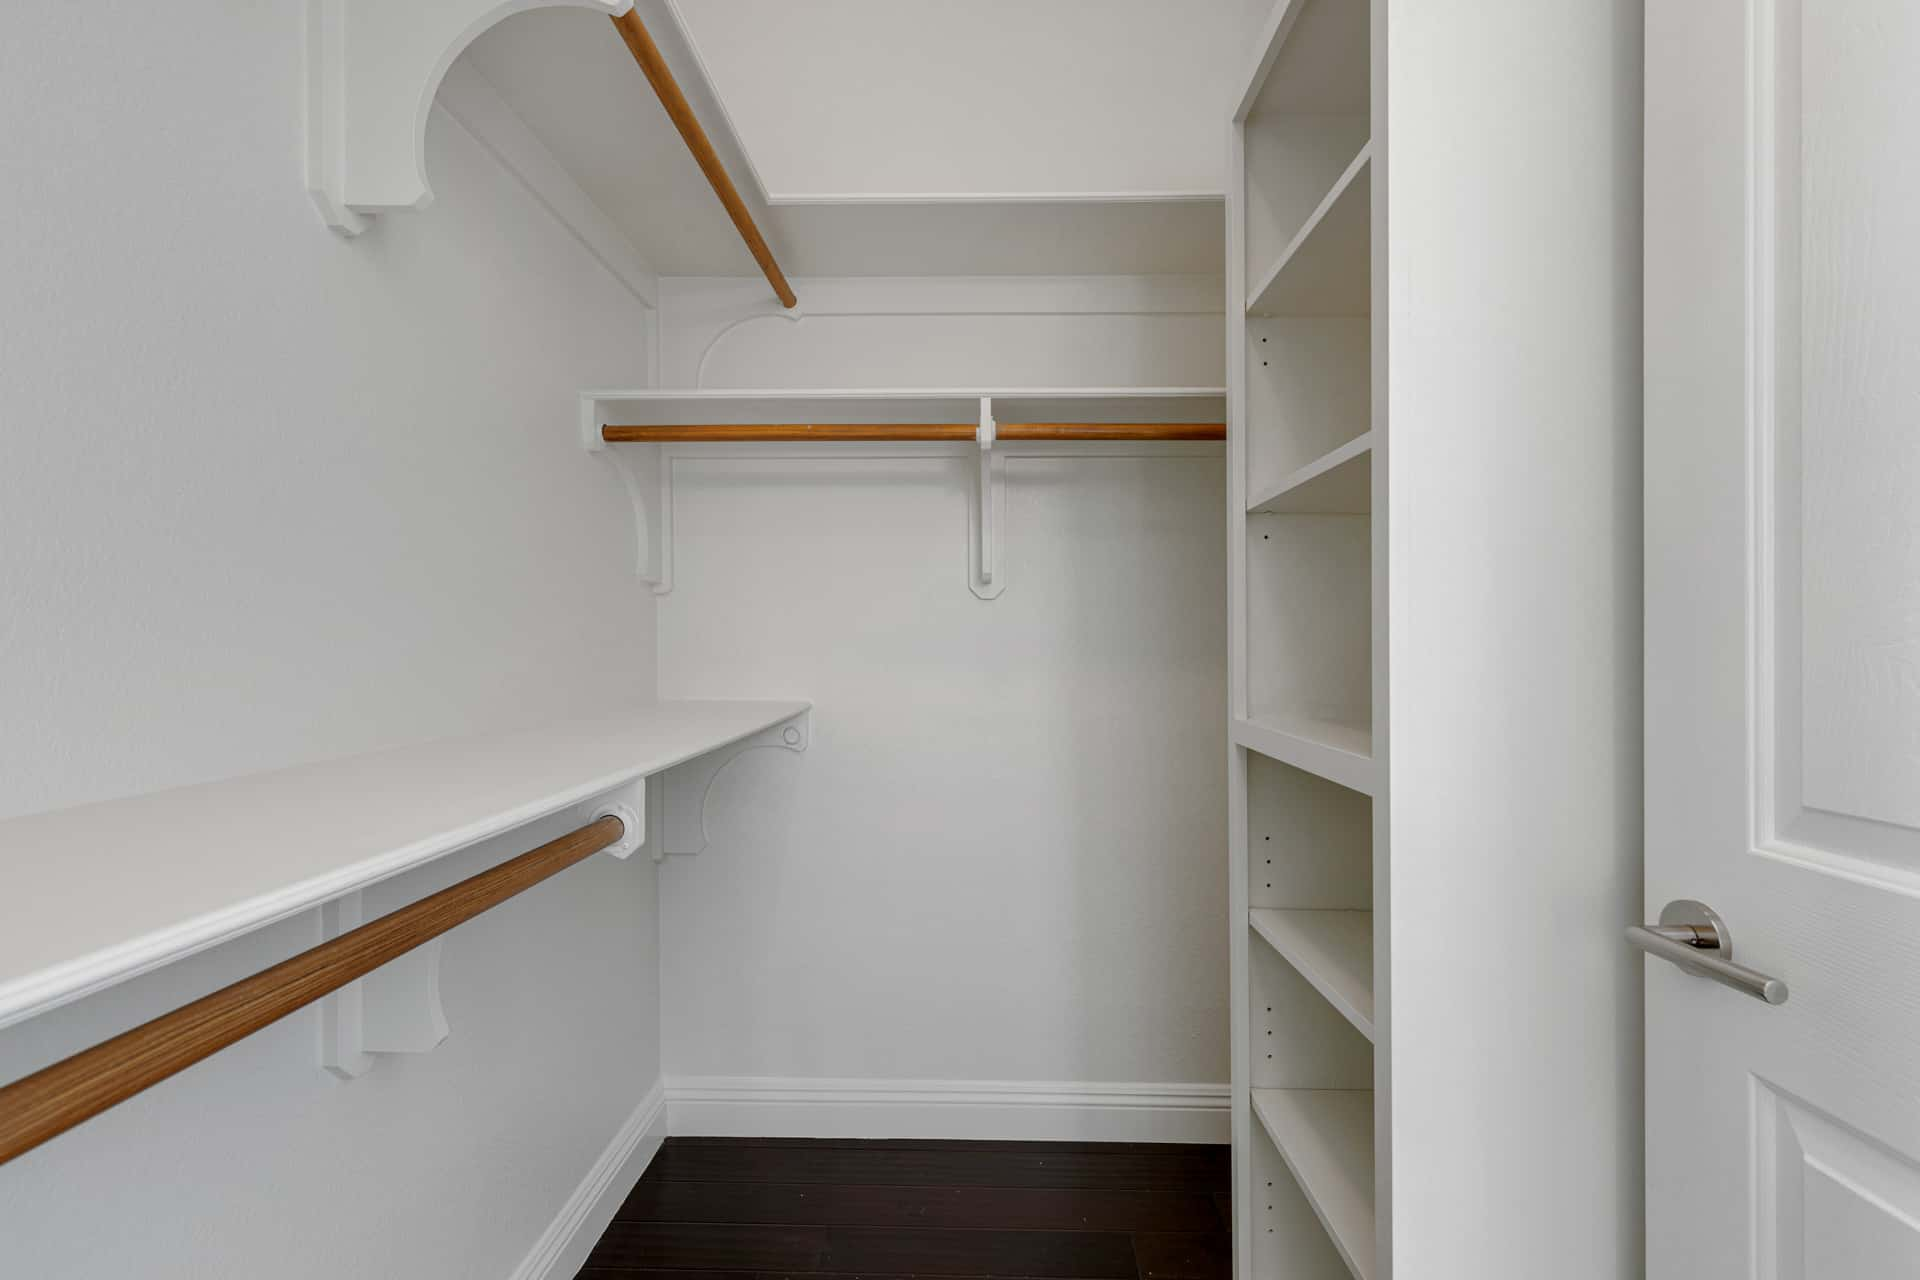 bedroom walk-in closet